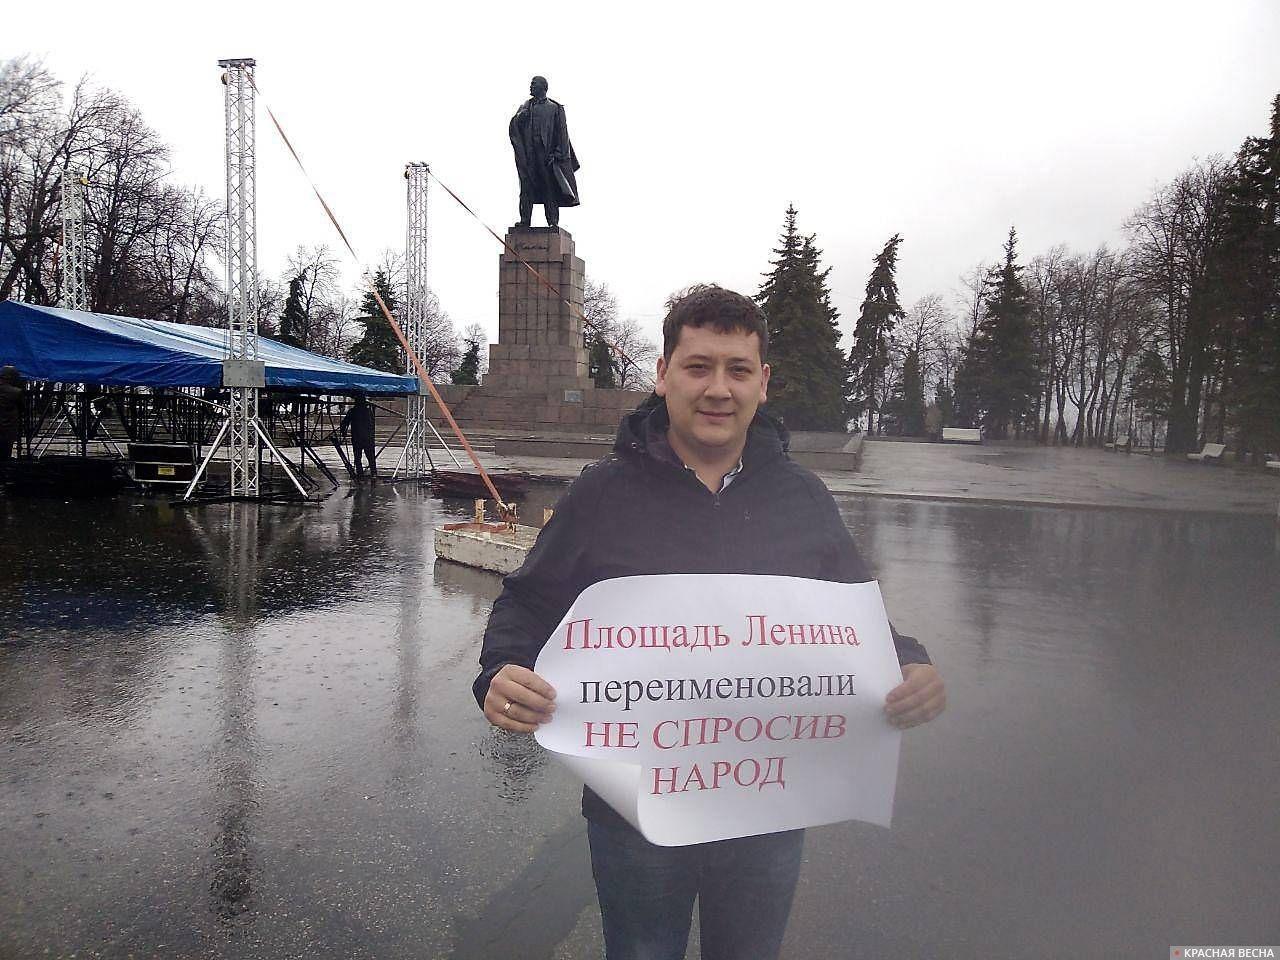 Ульяновск. Пикет против переименования площади Ленина 28.04.2018